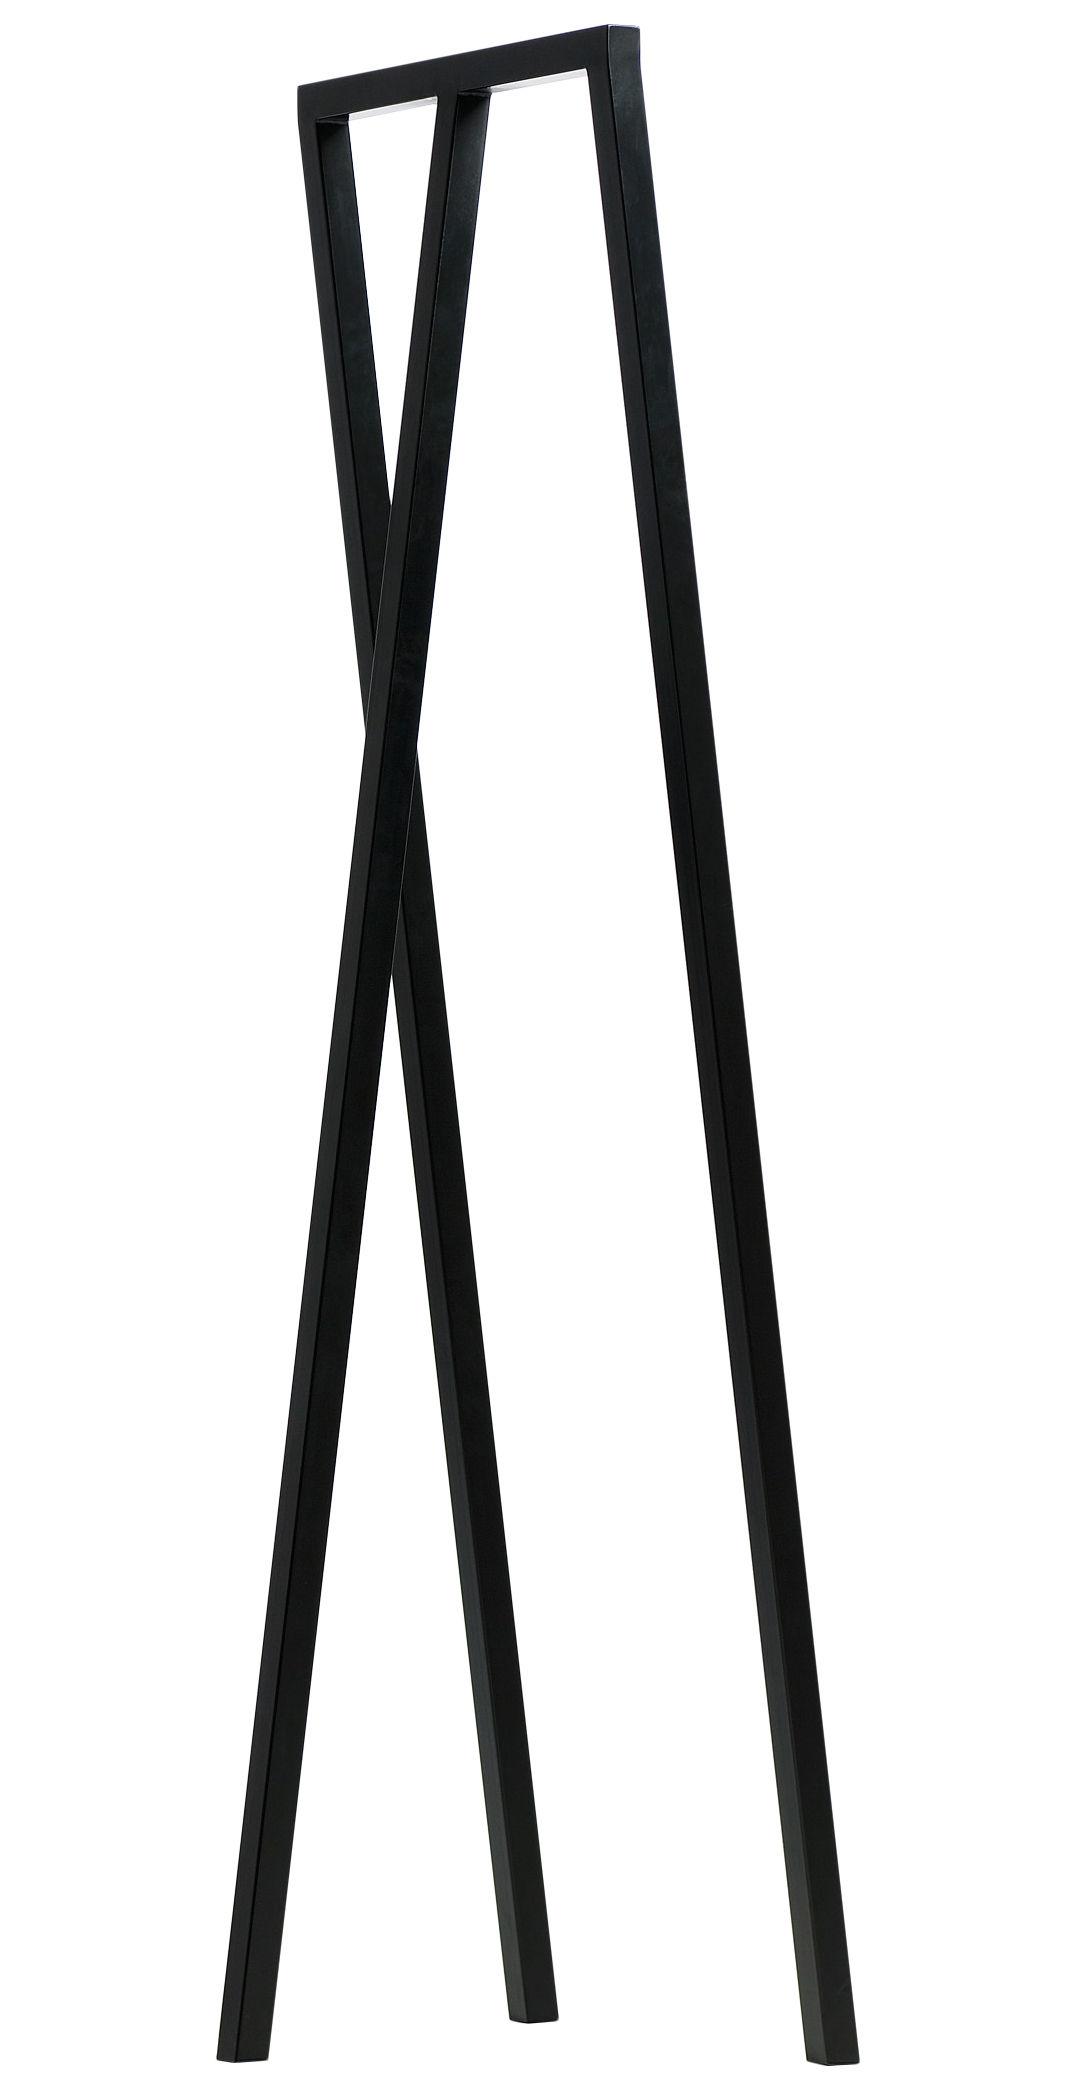 Mobilier - Portemanteaux, patères & portants - Portant Loop / L 45 cm - Hay - Noir - Acier laqué